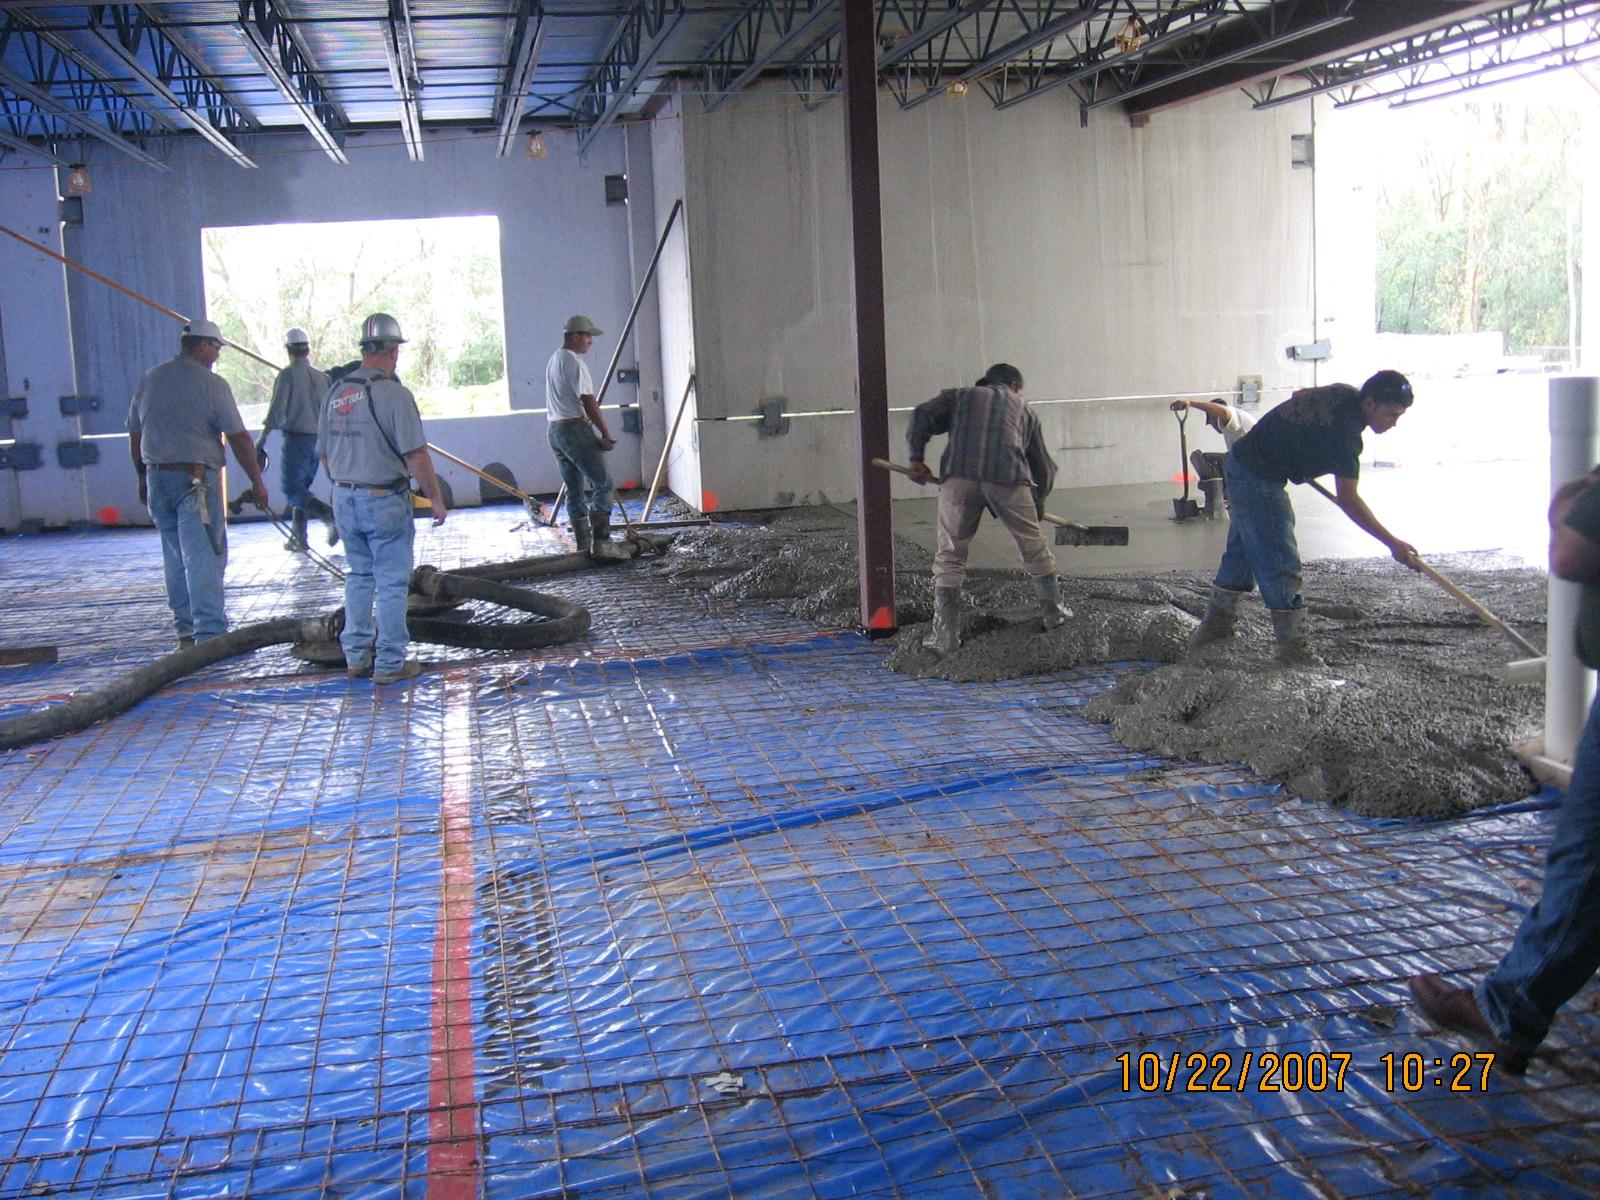 2007, October 28